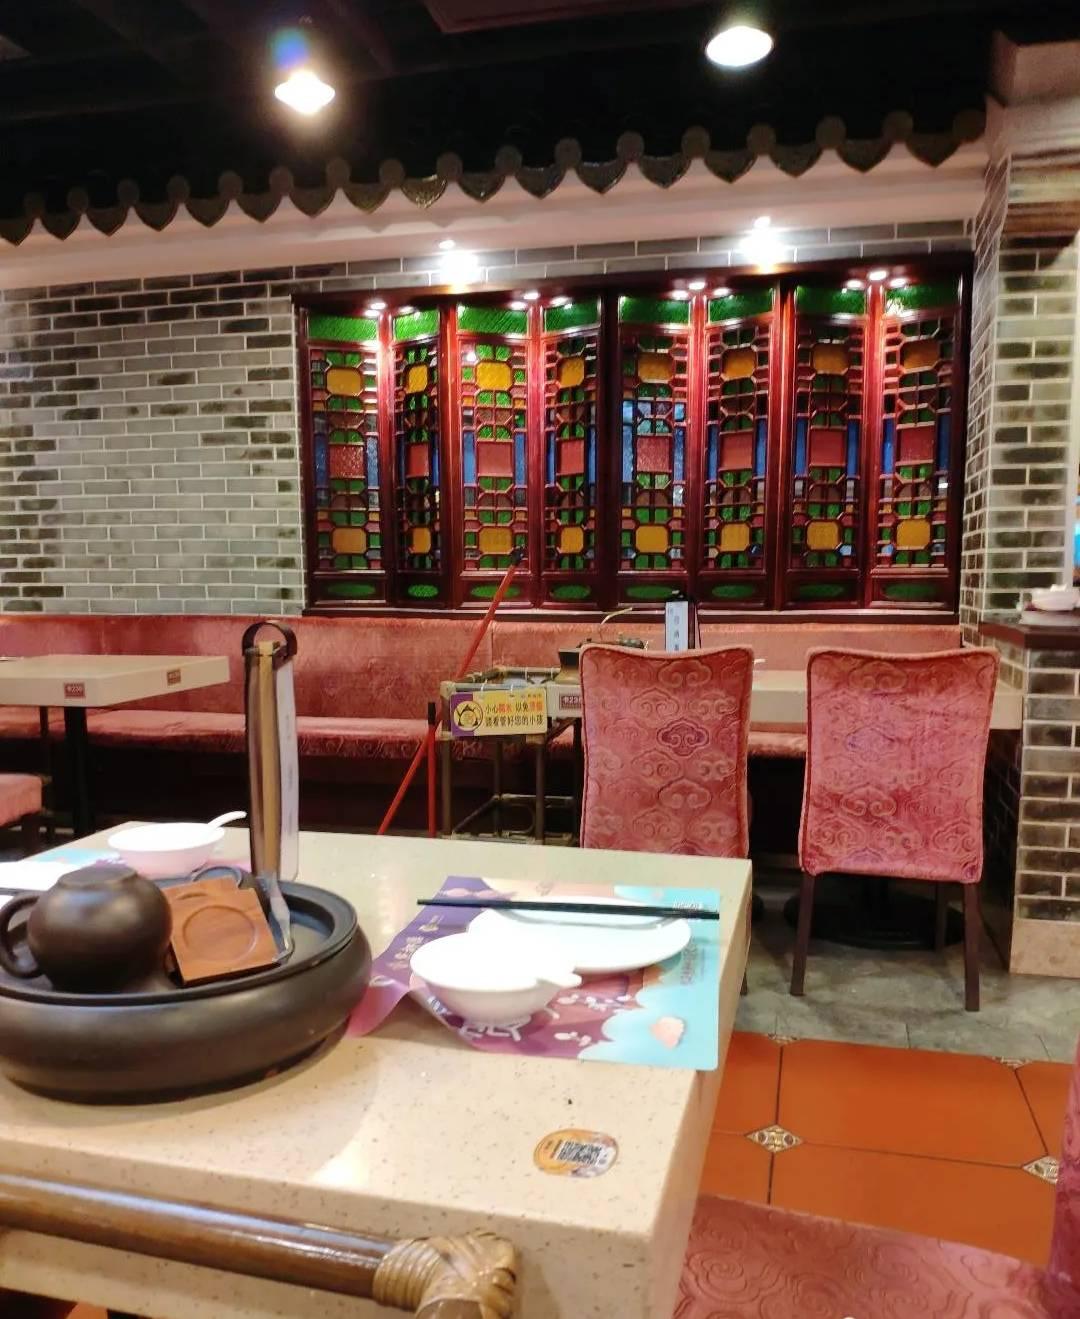 传承老广州饮食时时彩信誉平台,广式早茶的标准水准